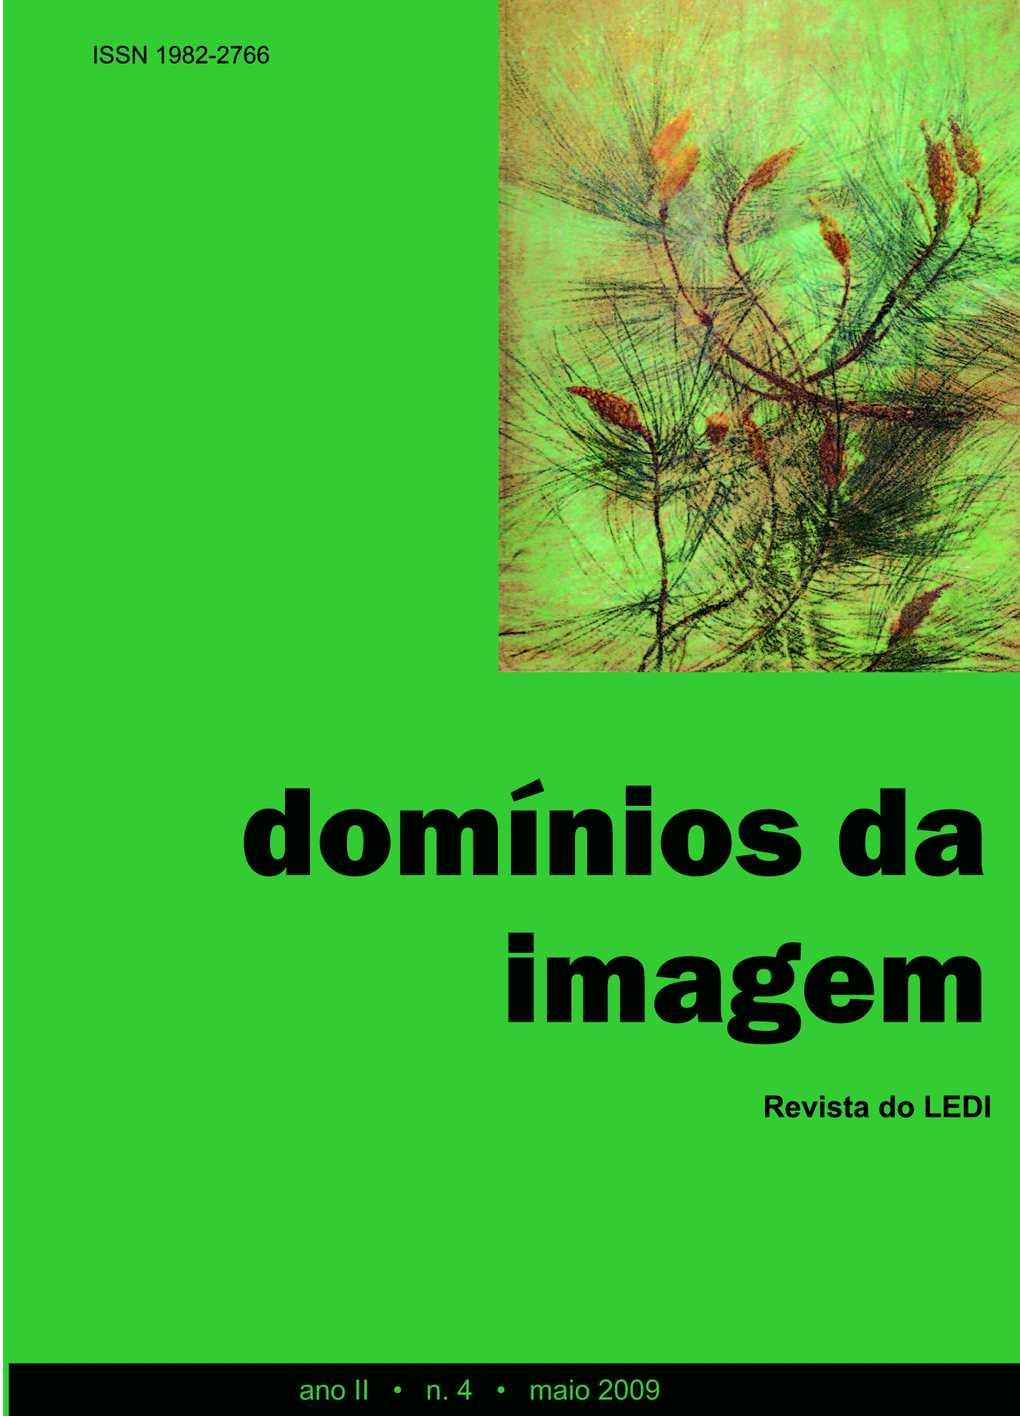 Calaméo - dominios da imagem 4 9bf3c8415e818